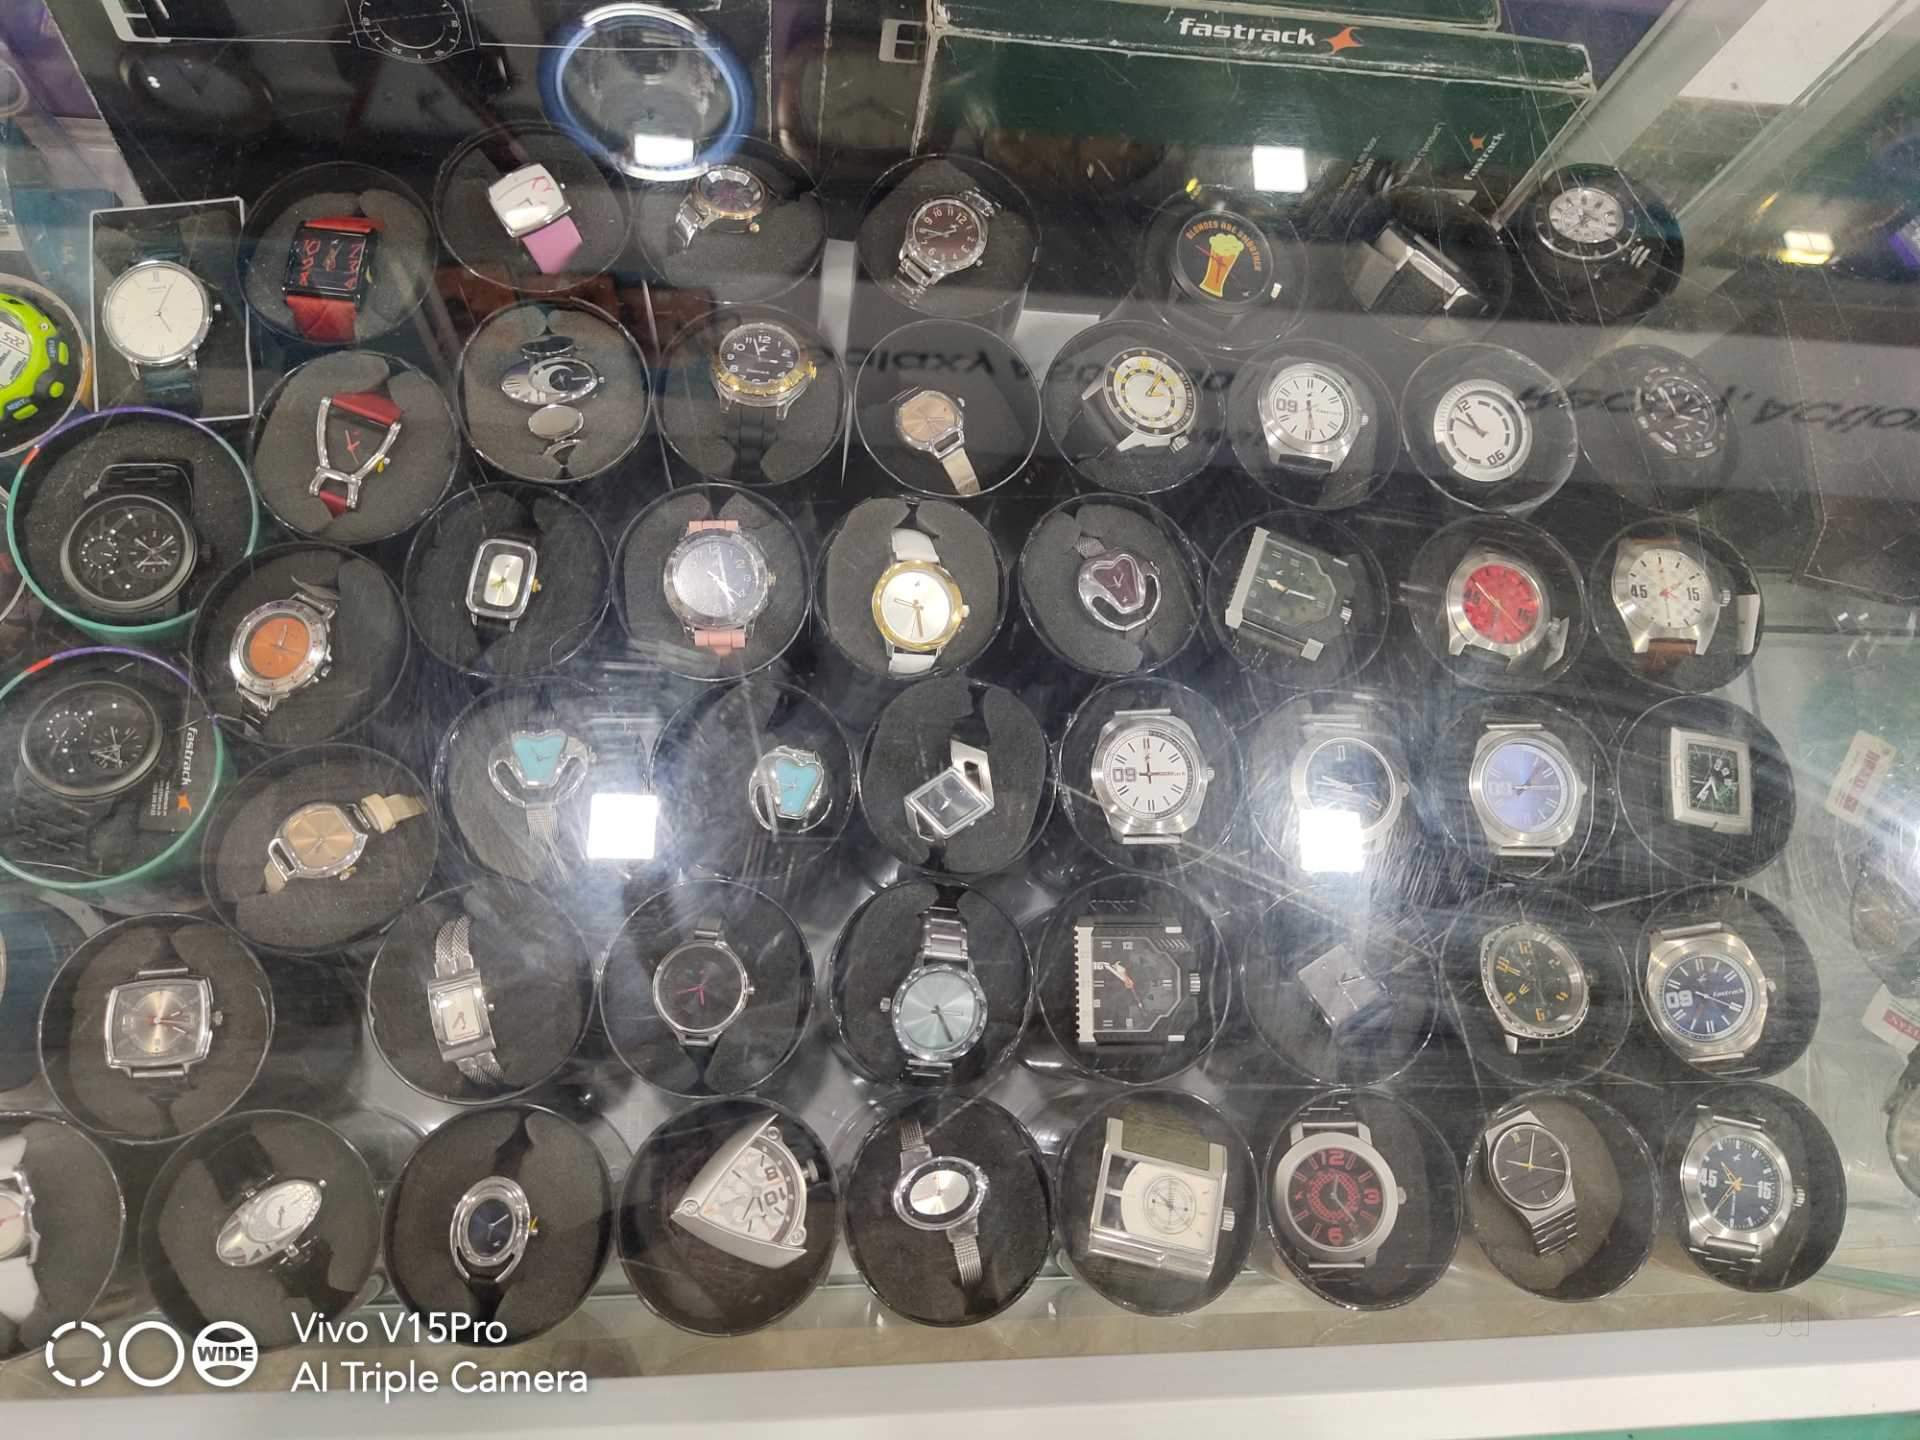 Top Wrist Watch Repair & Services in Jind - Best Wrist Watch